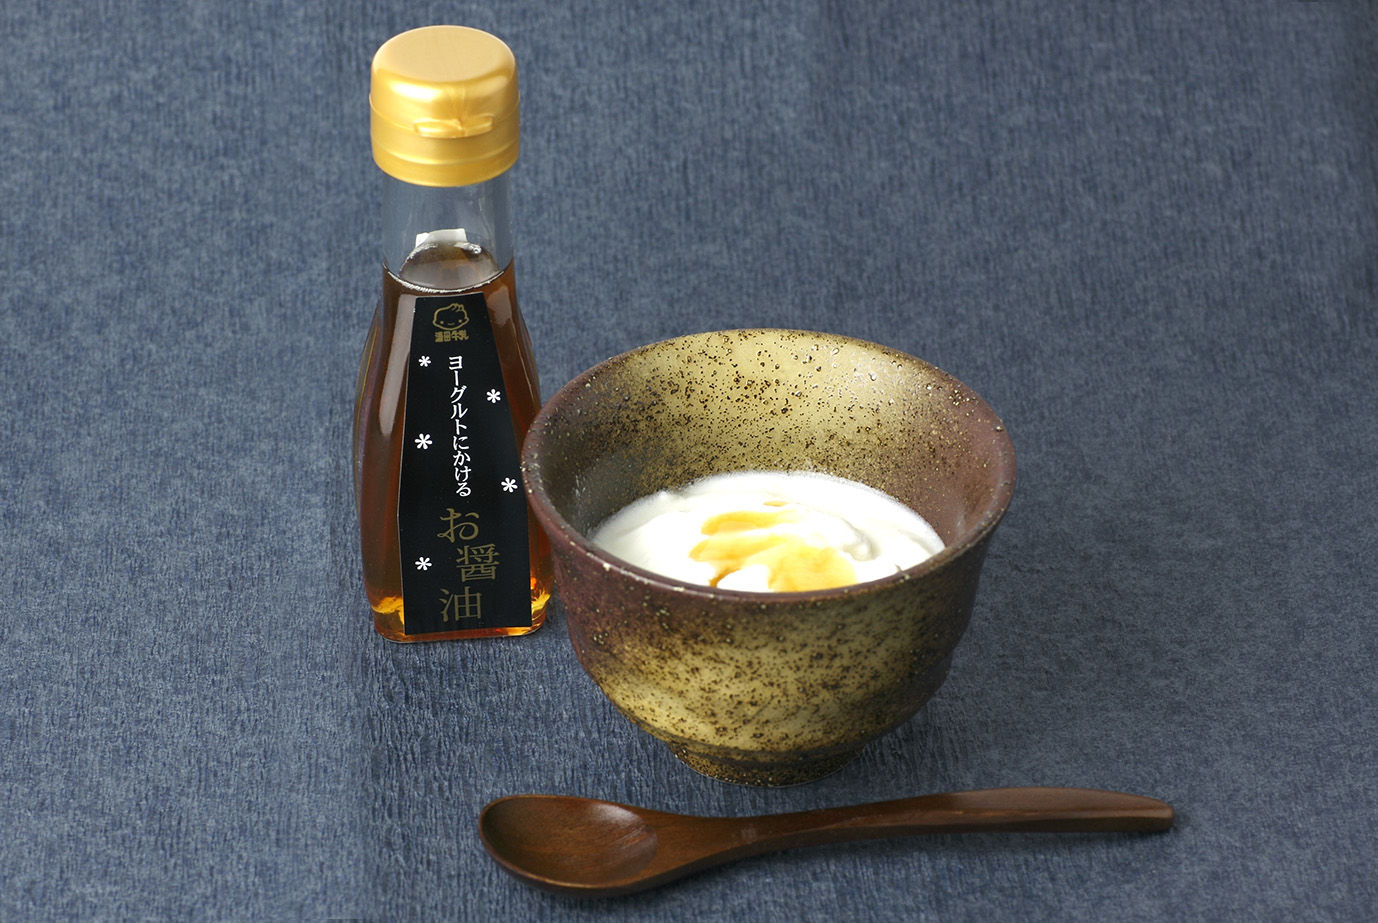 【衝撃のコラボ】「ヨーグルトにかけるお醤油」を、乳業メーカーと醸造のプロが開発!